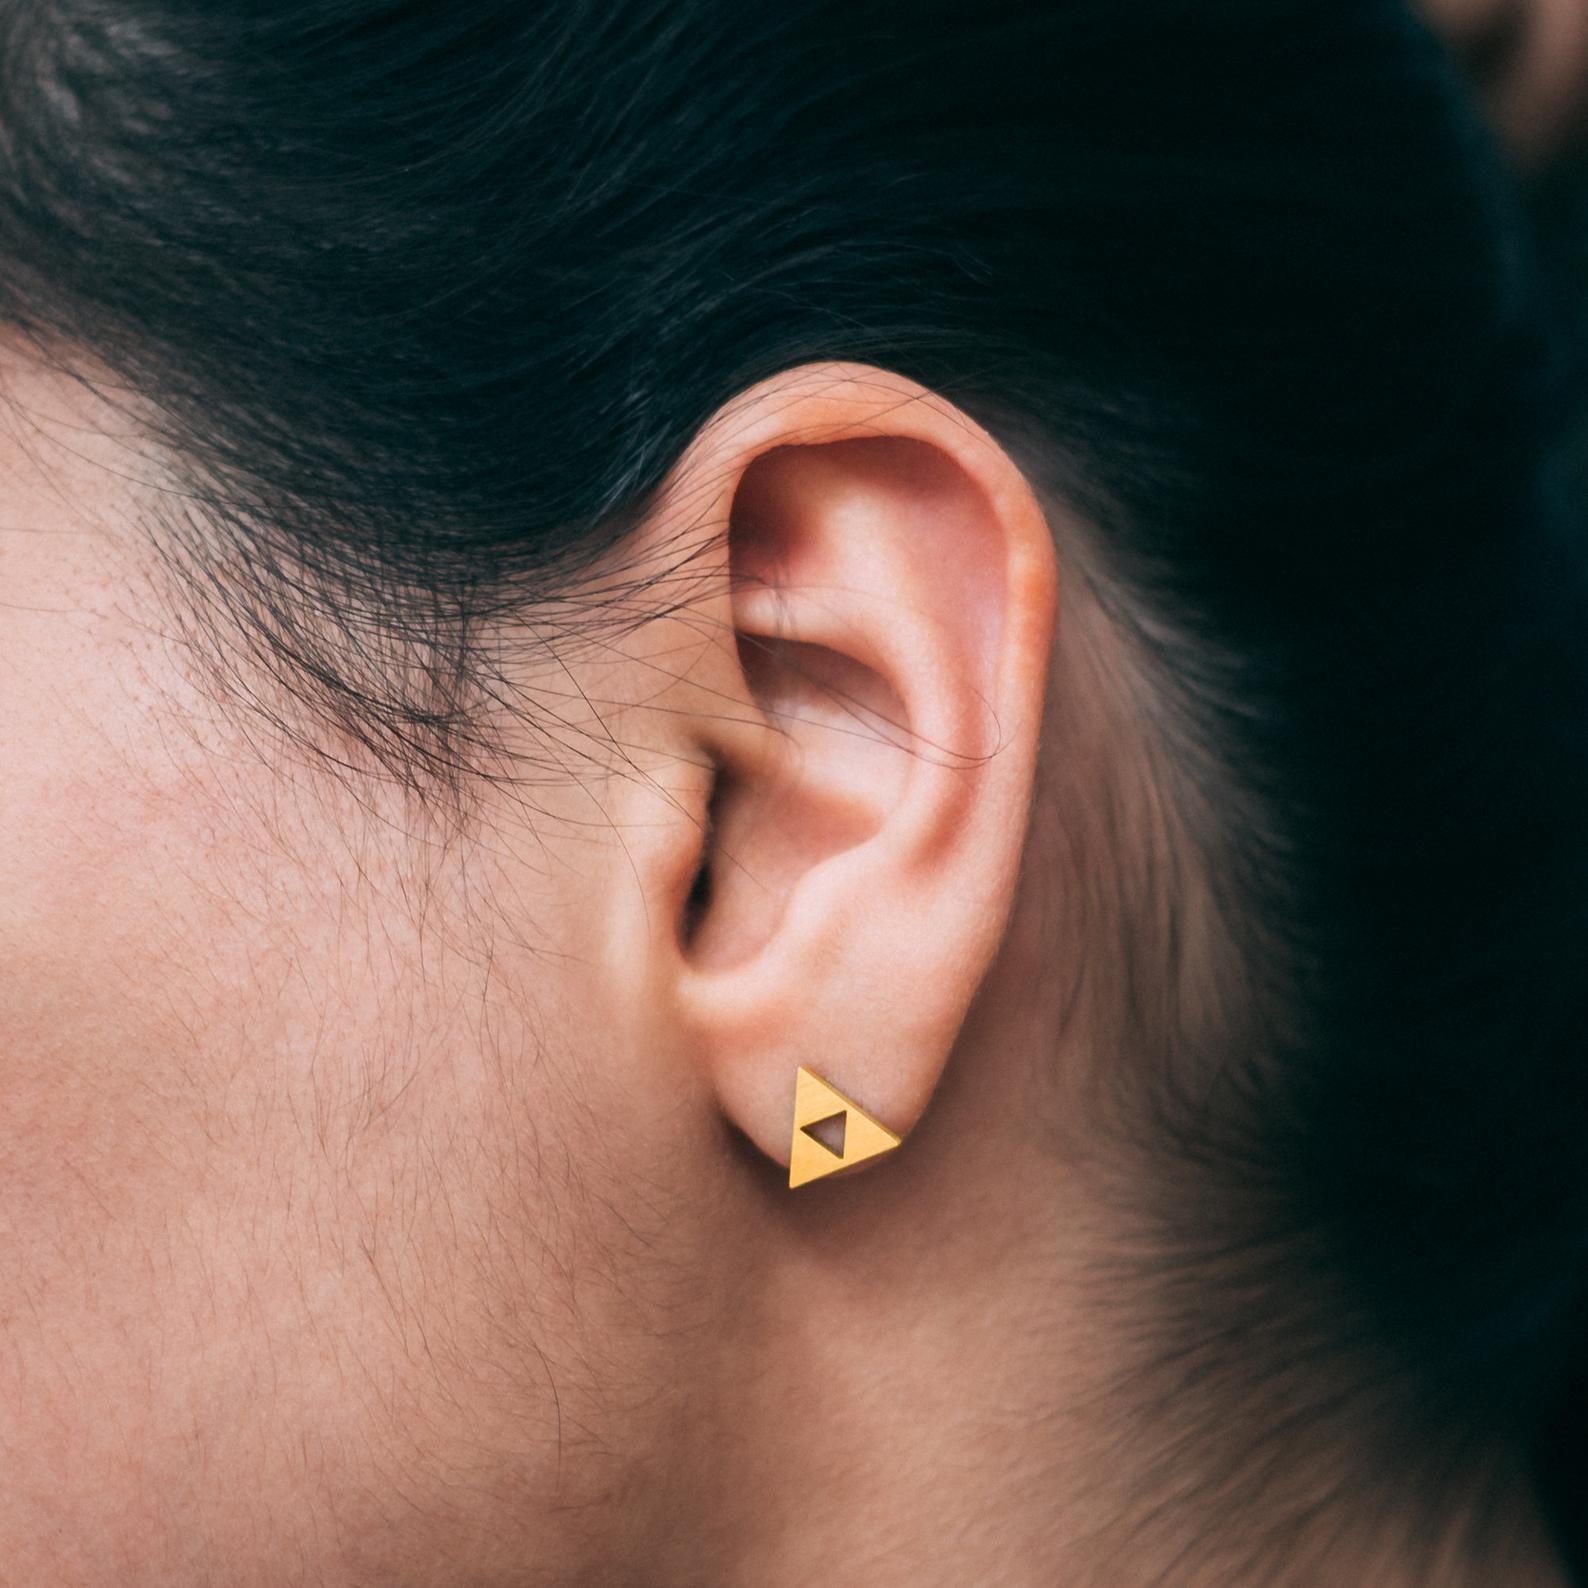 gold triforce stud earrings